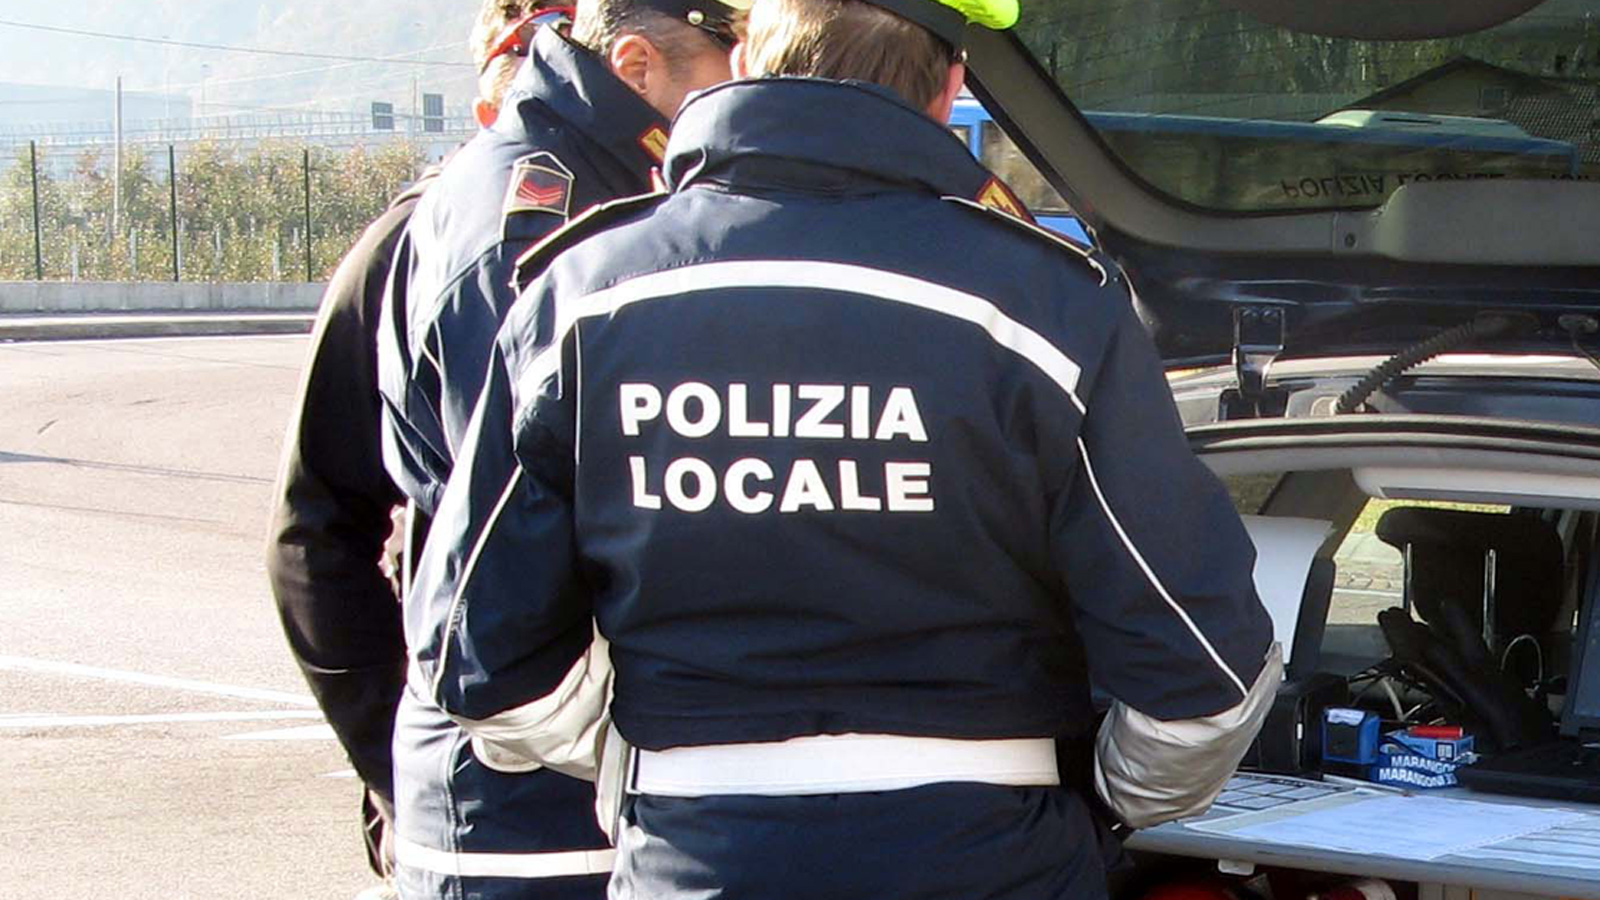 Problematiche inerenti la Polizia Locale